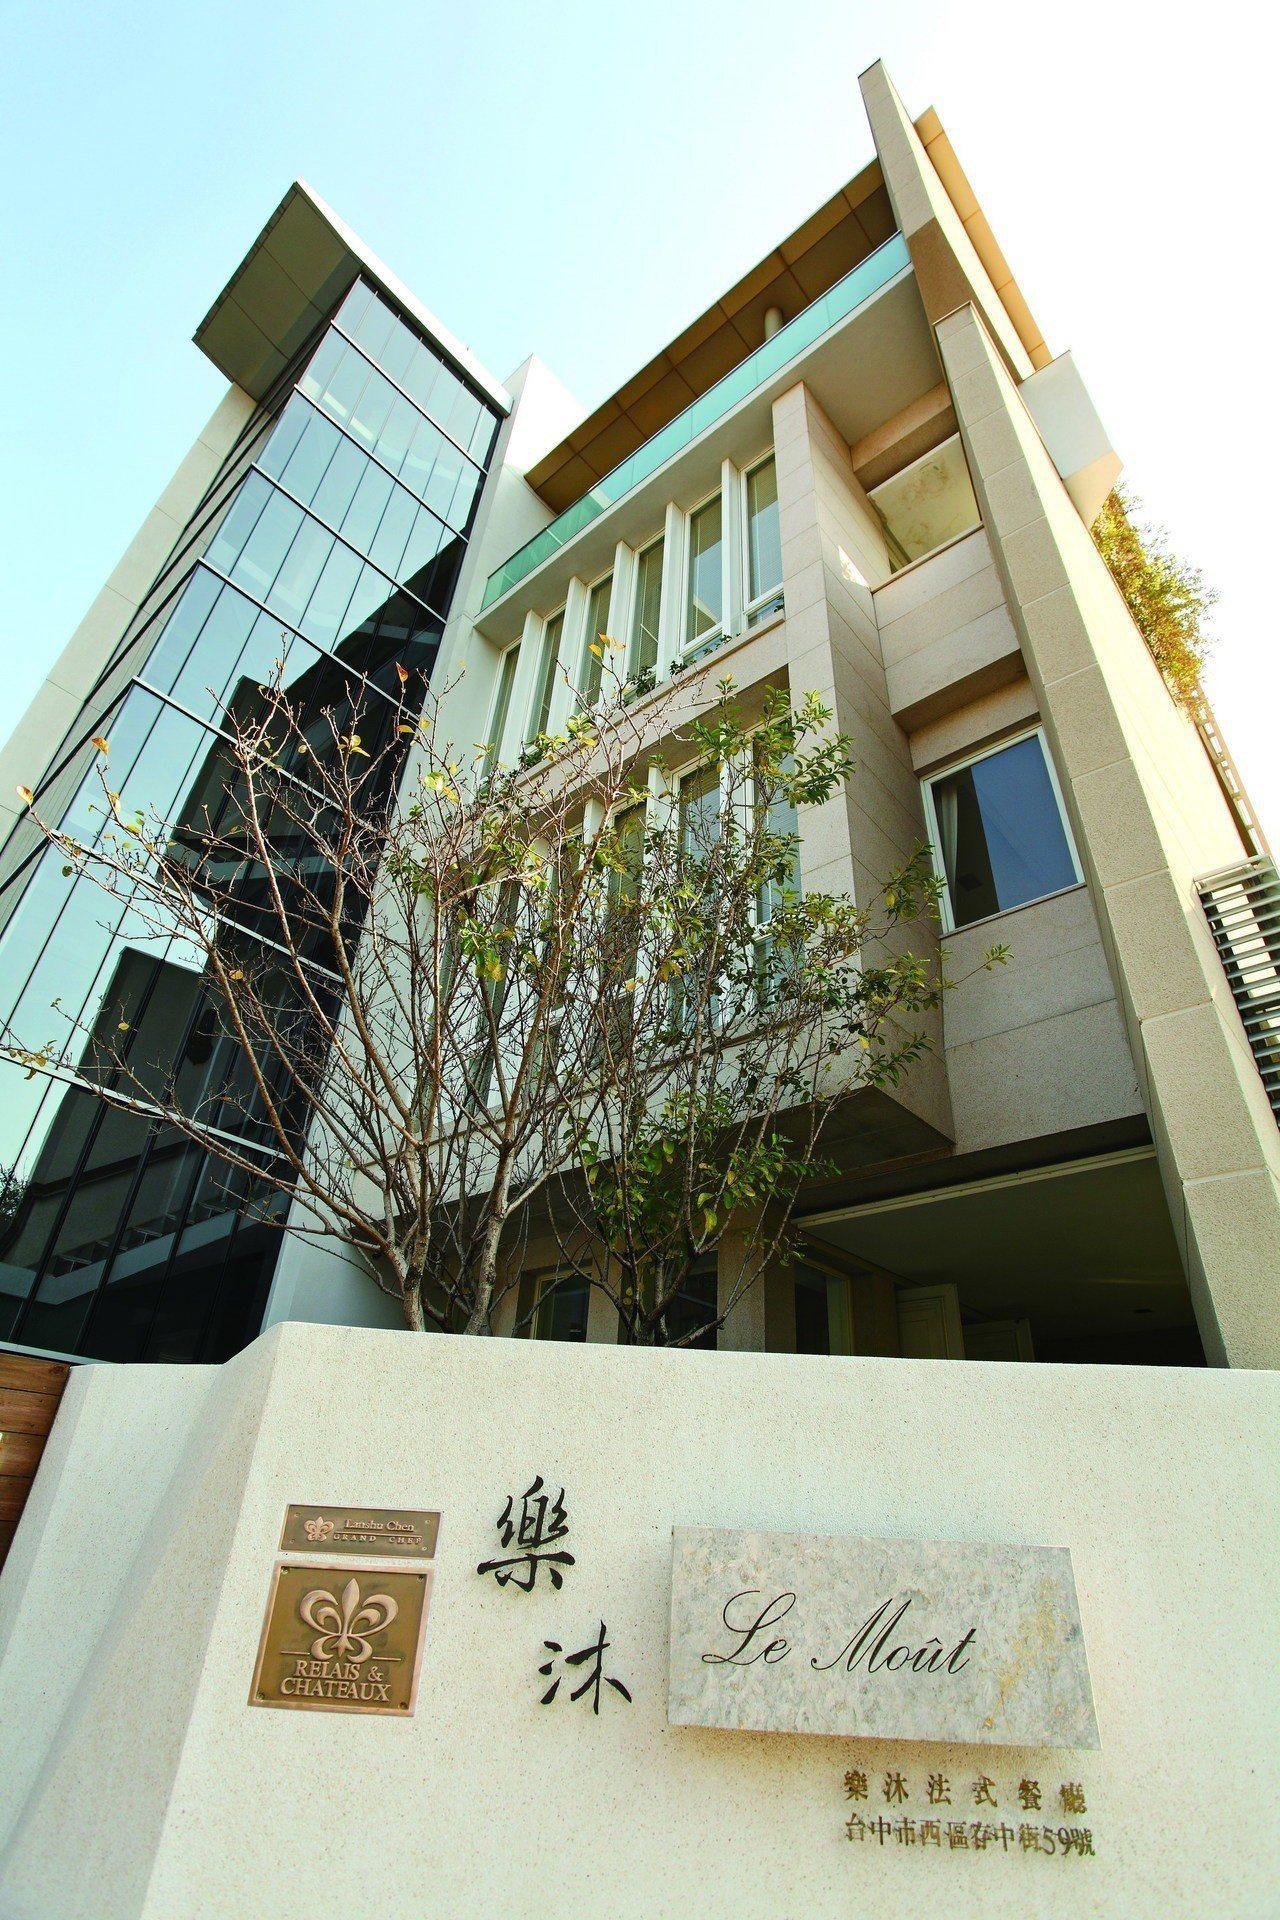 「樂沐」是台中市知名法式餐廳,曾入選「亞洲50最佳餐廳」。圖/樂沐提供